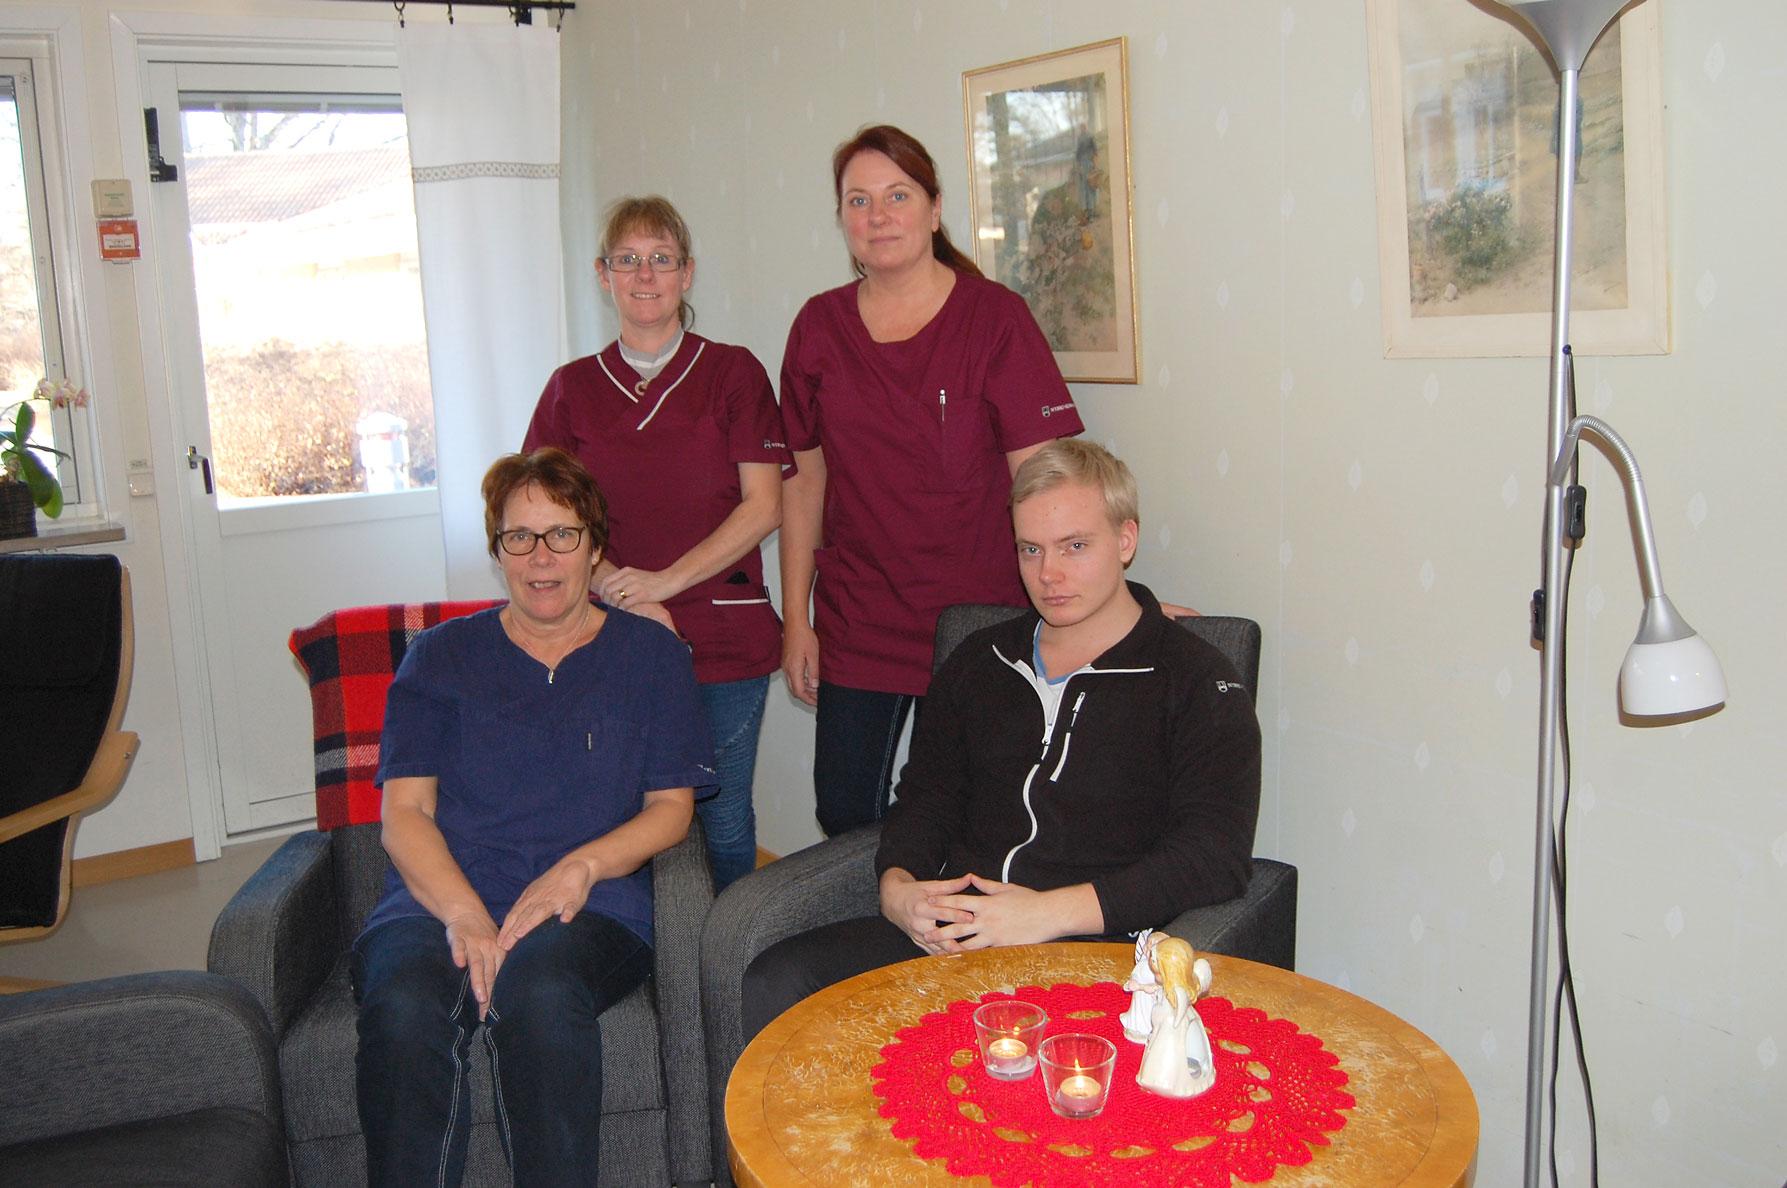 Vid äldreboendet Almen ser Monica Björk, Jenny Andersson, Marie Johansson och Adam Jonsson till att göra det festligt före och under julhelgen.